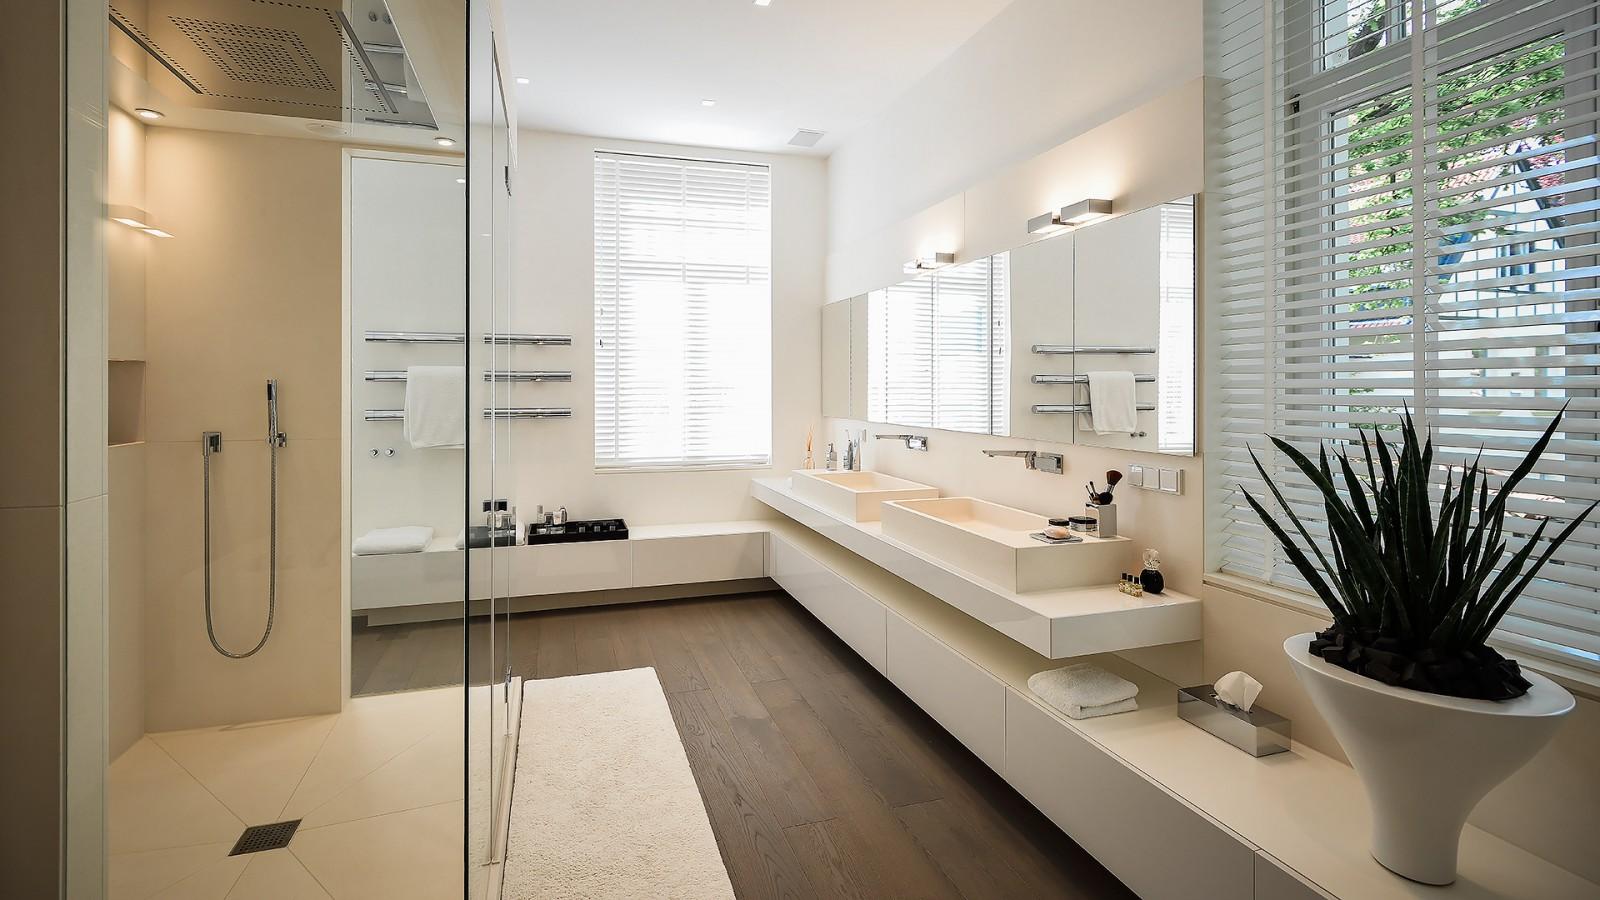 Architekten Hannover umbau einer villa in hannover jung architekturbüro